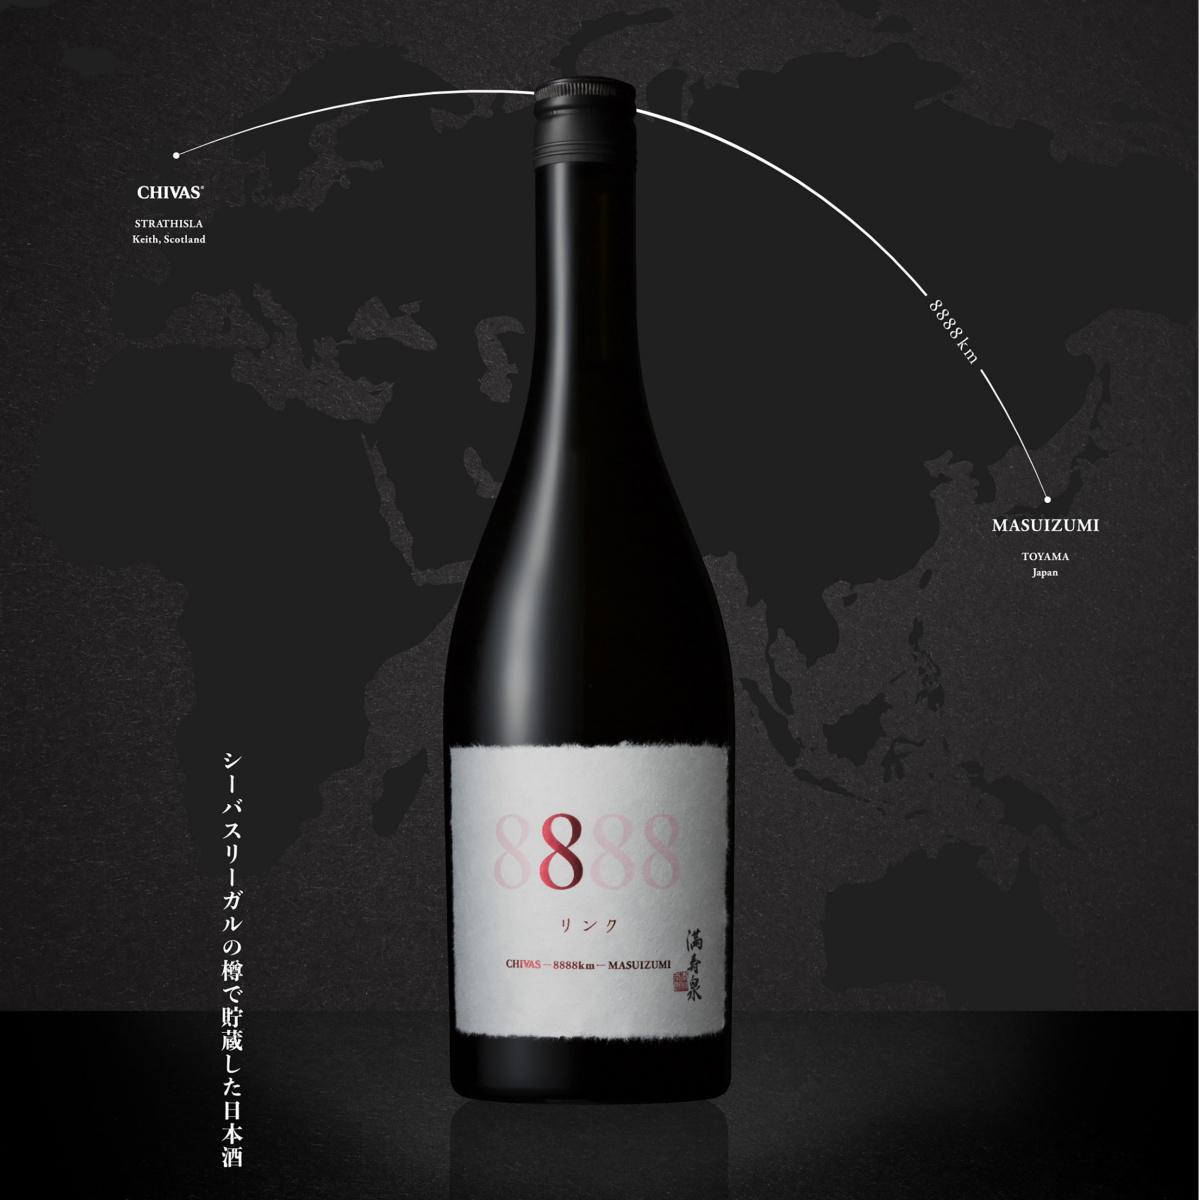 「満寿泉」を「シーバスリーガル」の樽で寝かせたら……? 特別な日本酒「リンク 8888」が、50本限定で発売されます。